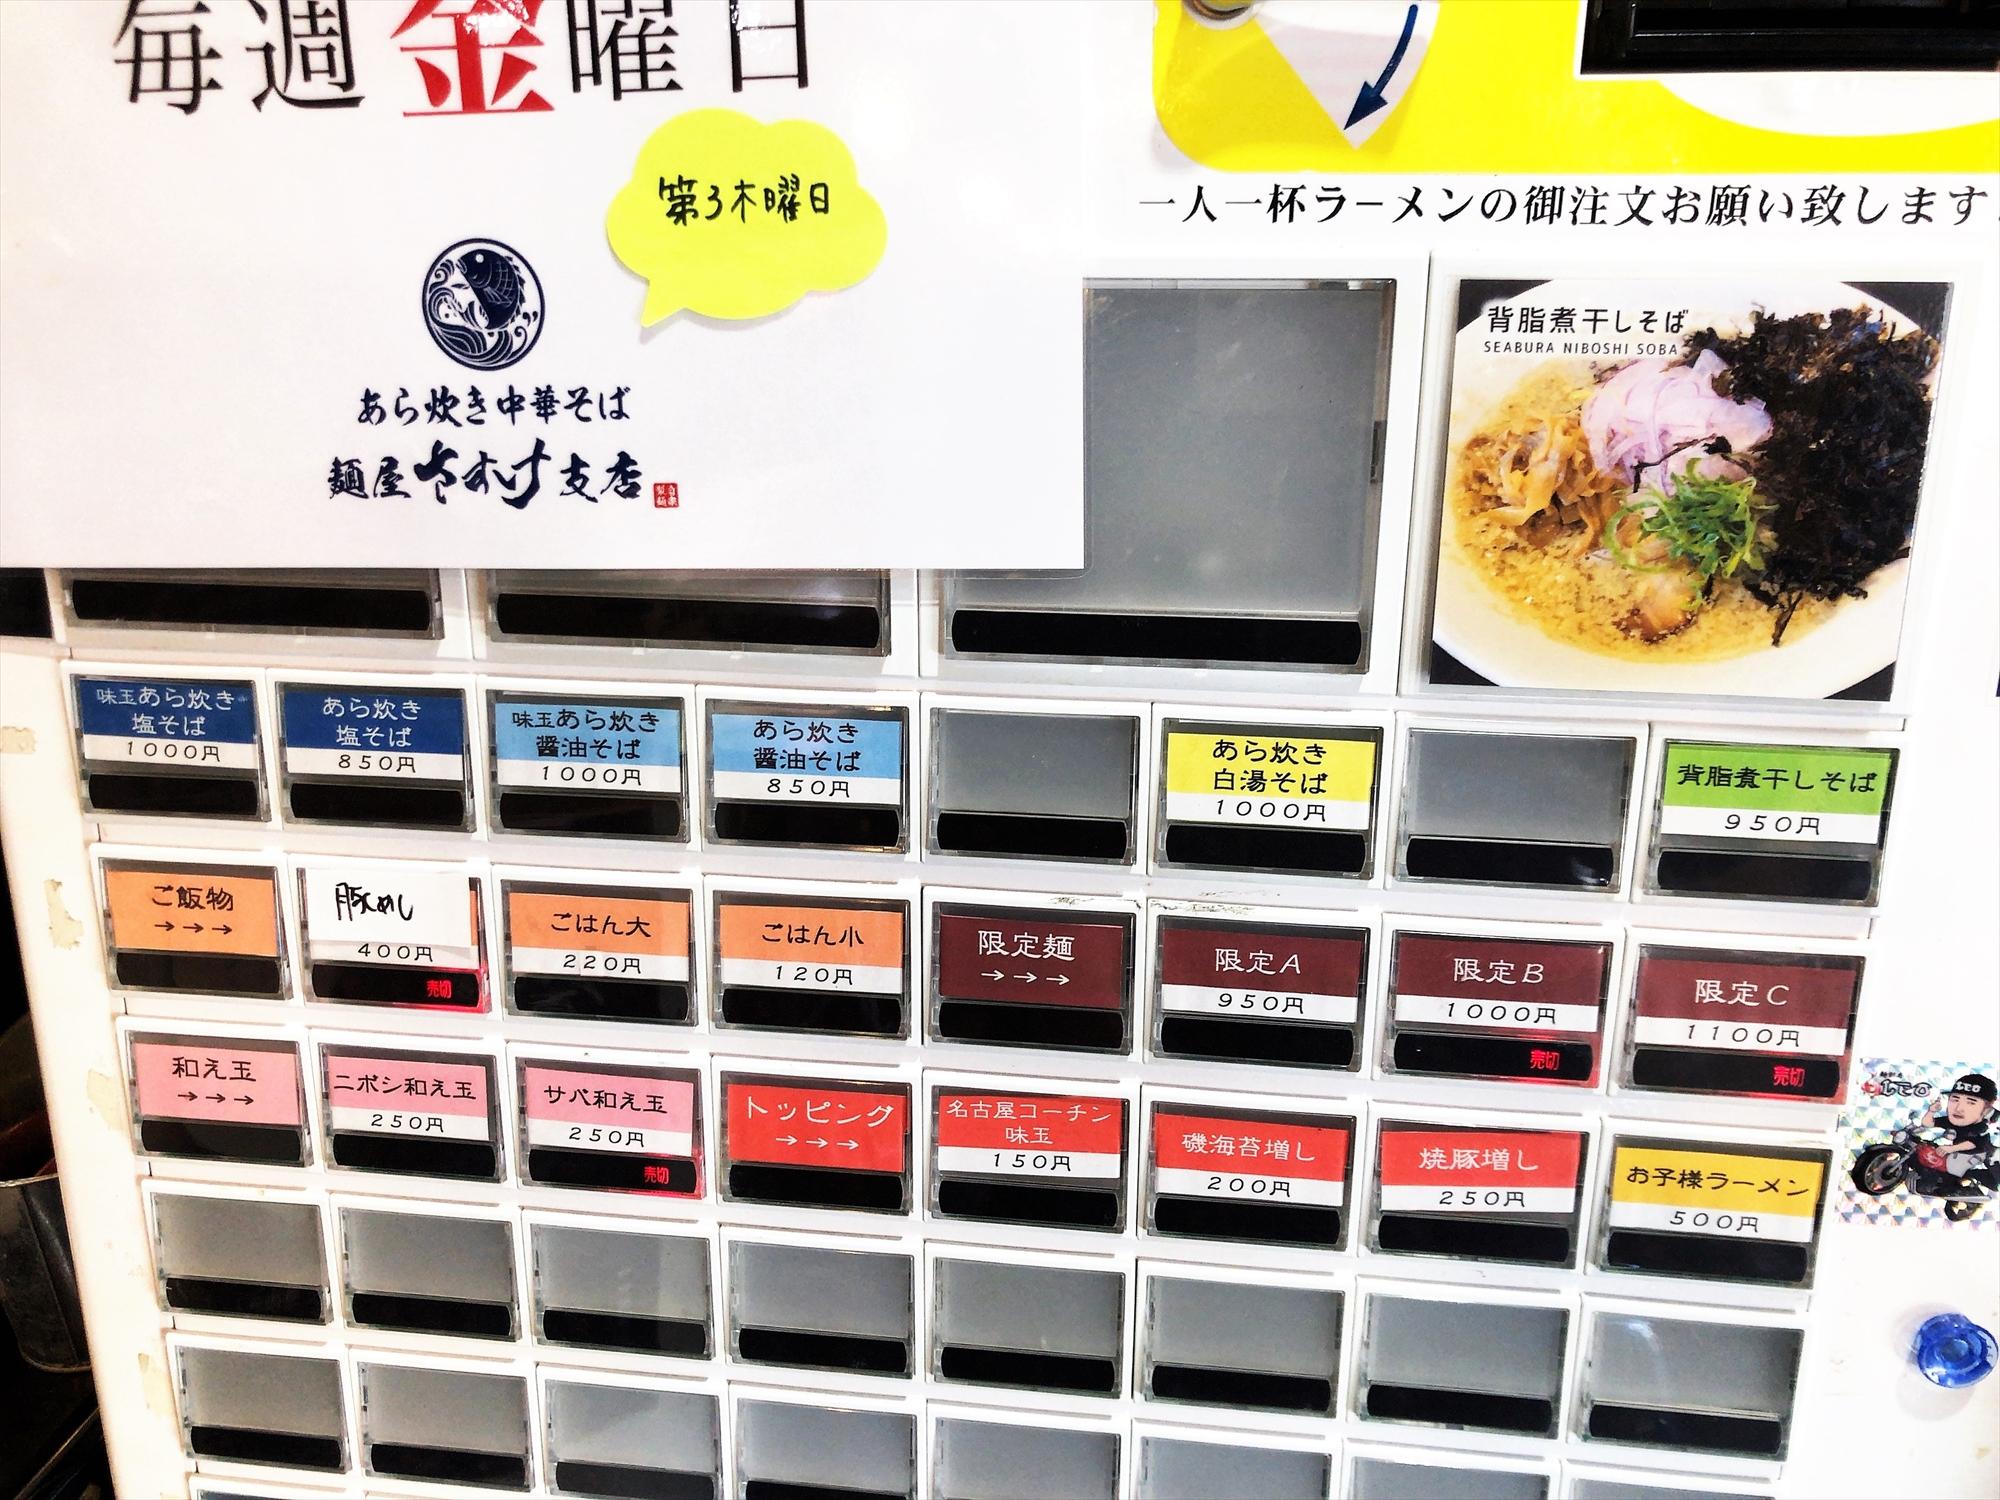 麺屋 さすけ 支店の券売機